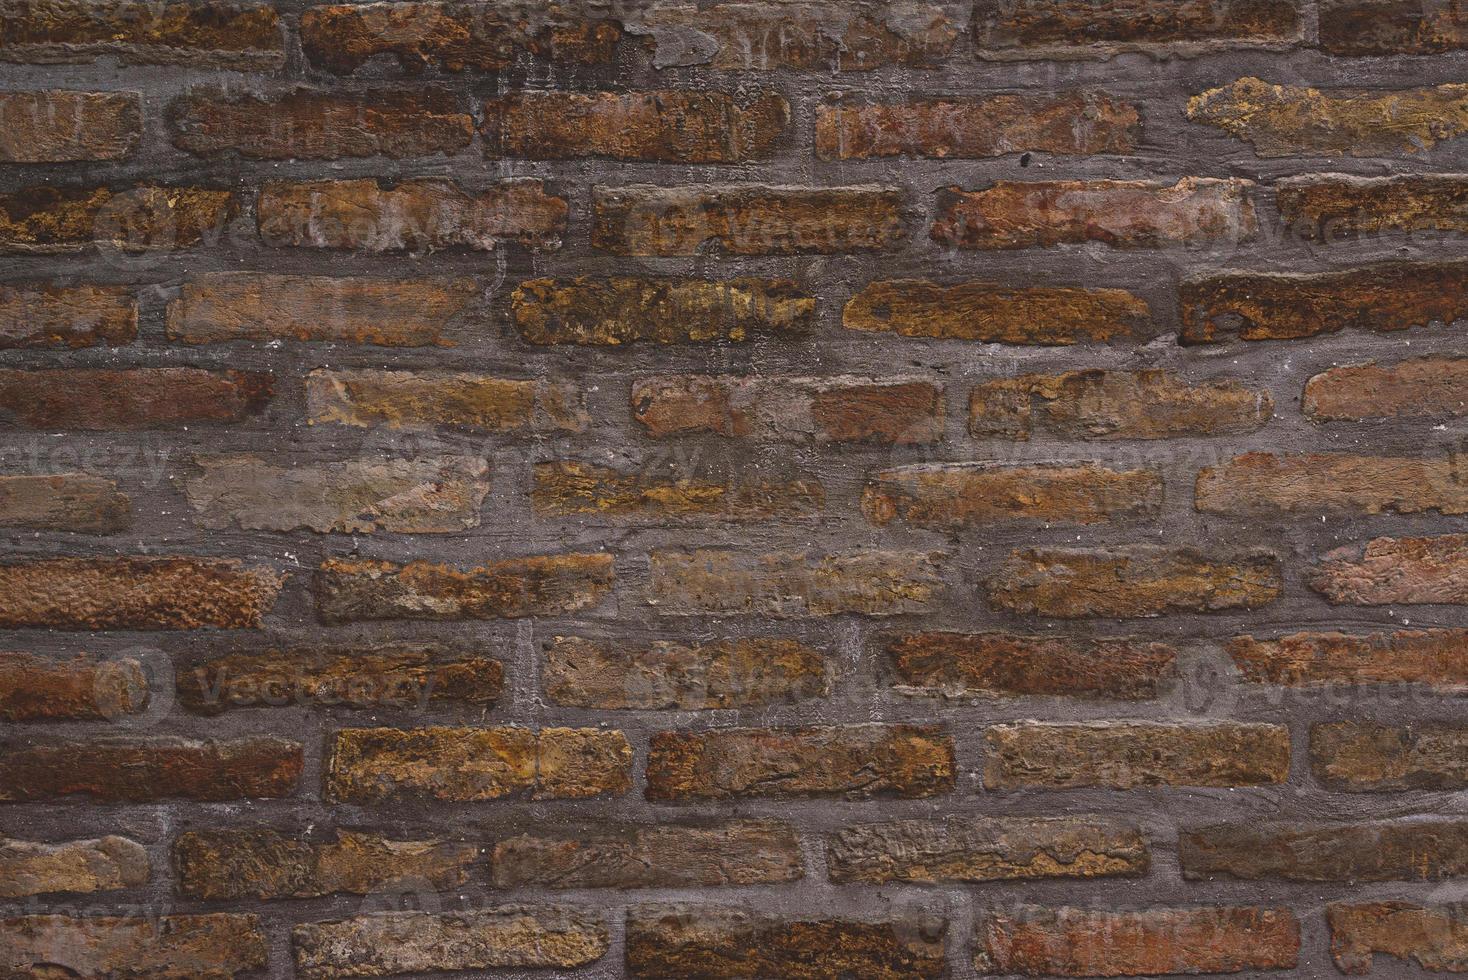 achtergrondpatroon van oude bakstenen muurtextuur foto